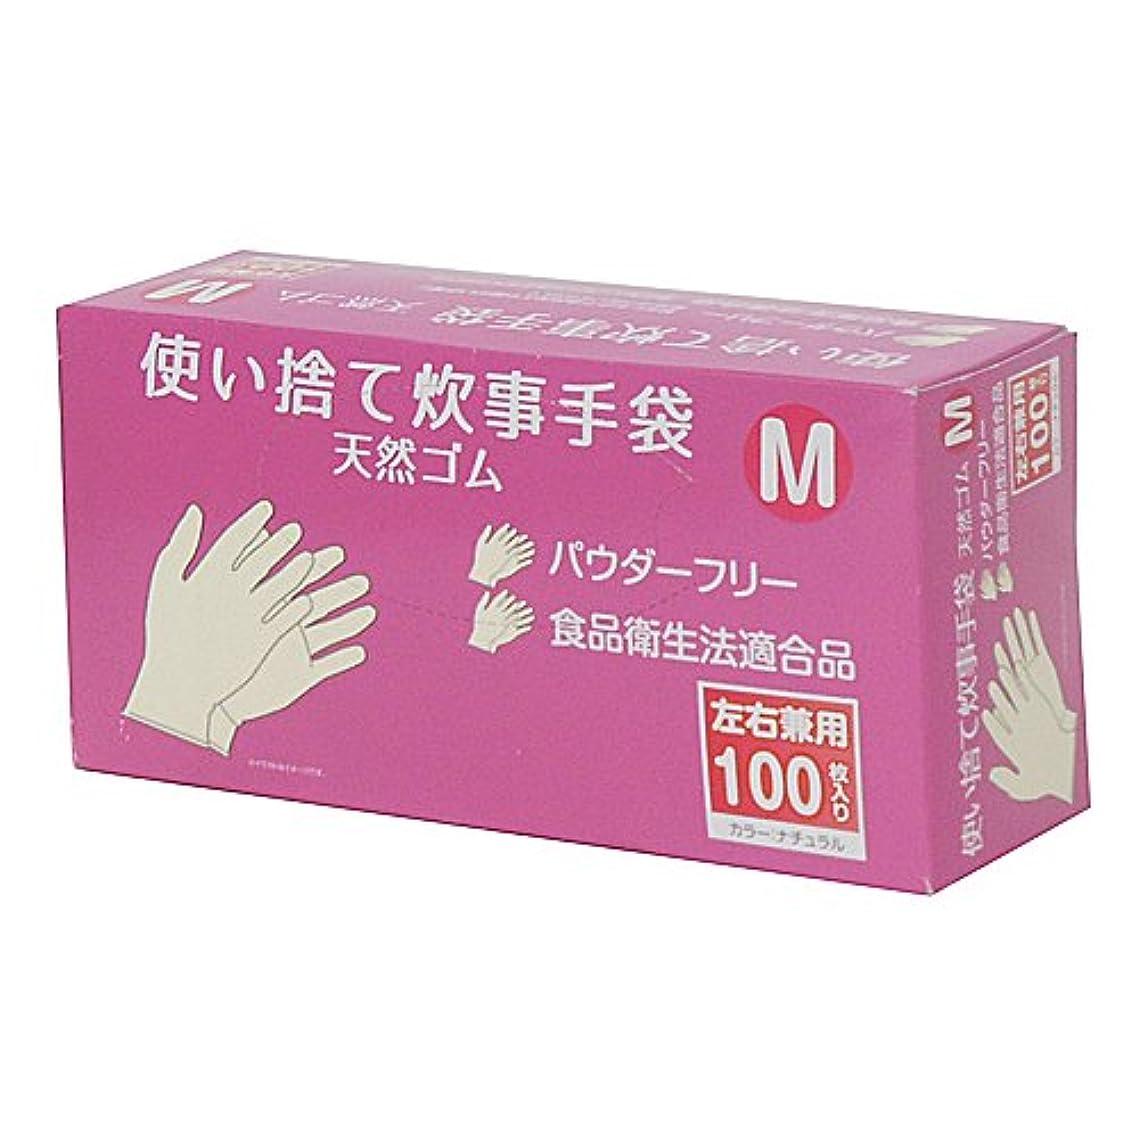 もテニス神秘コーナンオリジナル 使い捨て 炊事手袋 天然ゴム 100枚入り M KFY05-1128